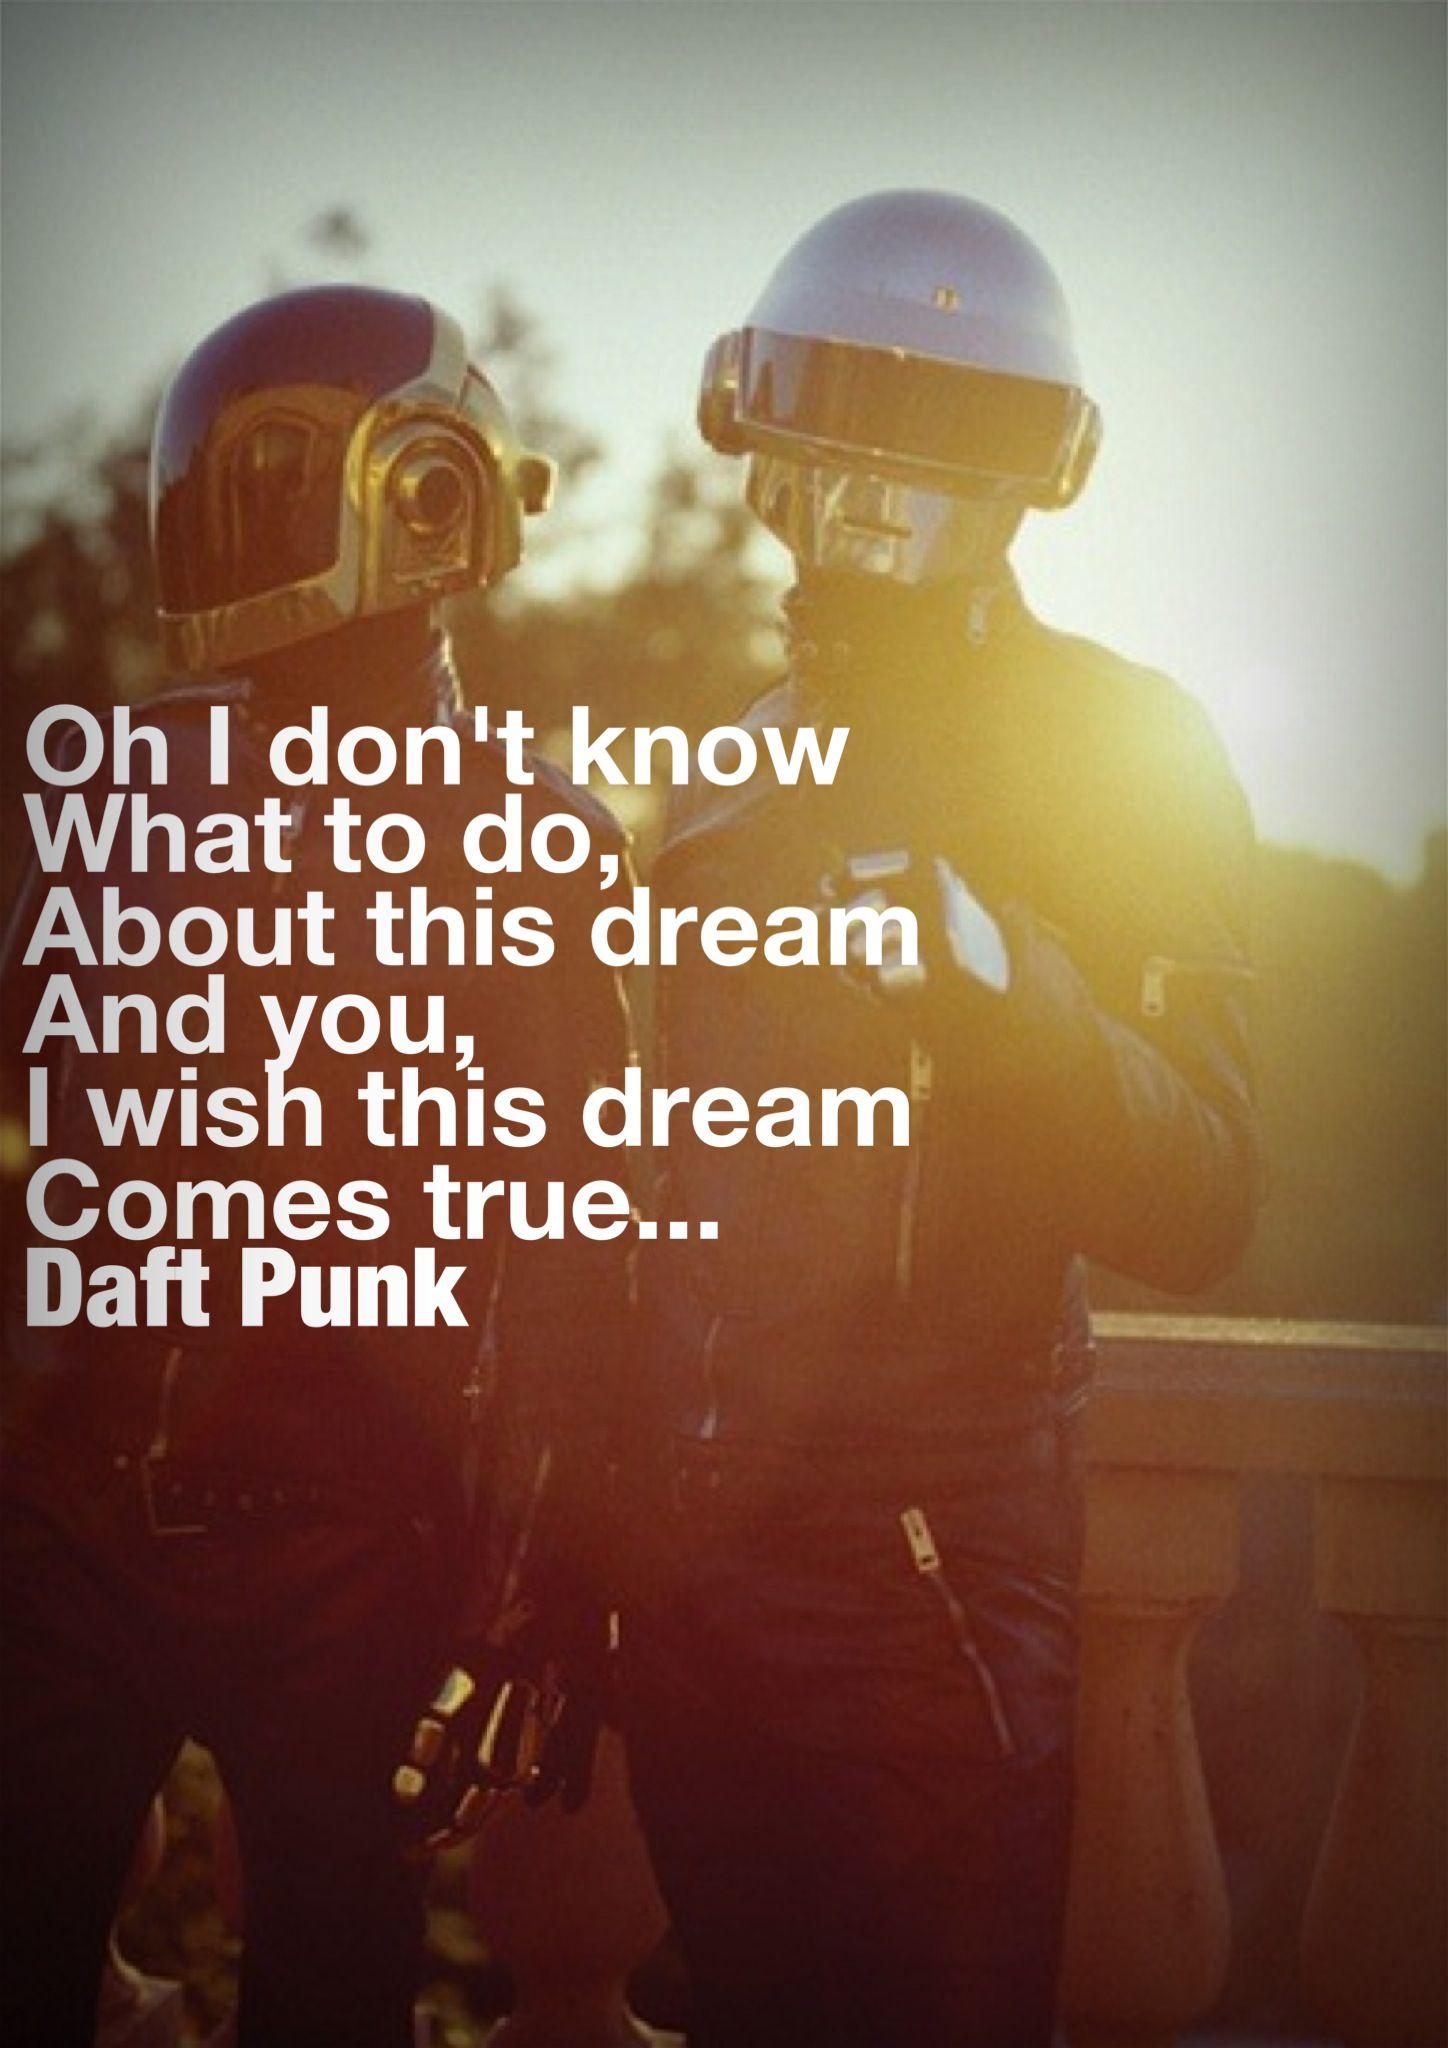 Daft Punk Quotes. QuotesGram